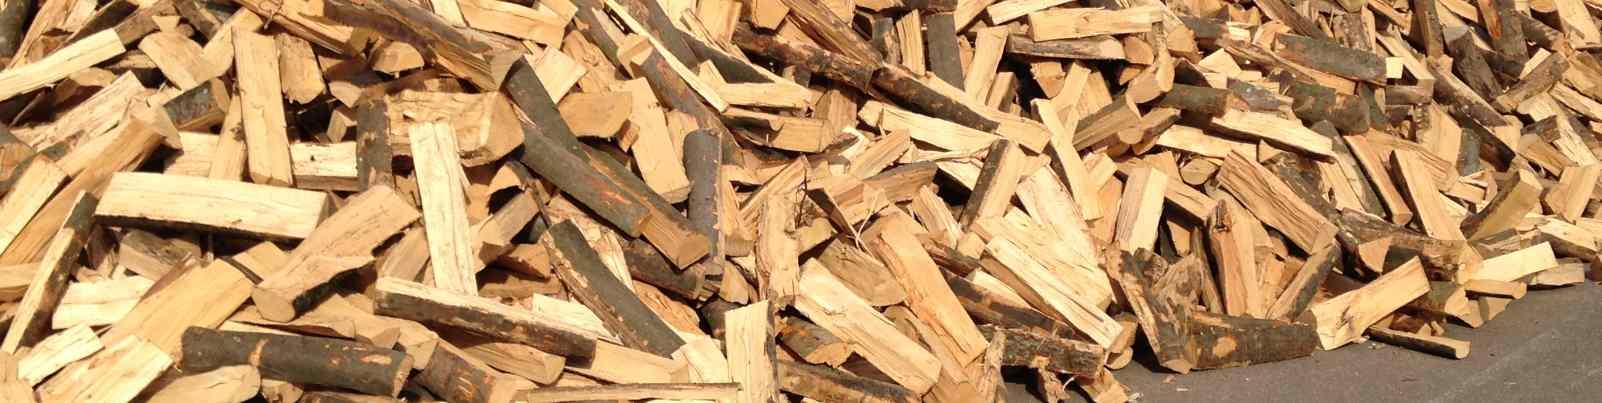 Buchenholz gestapelt